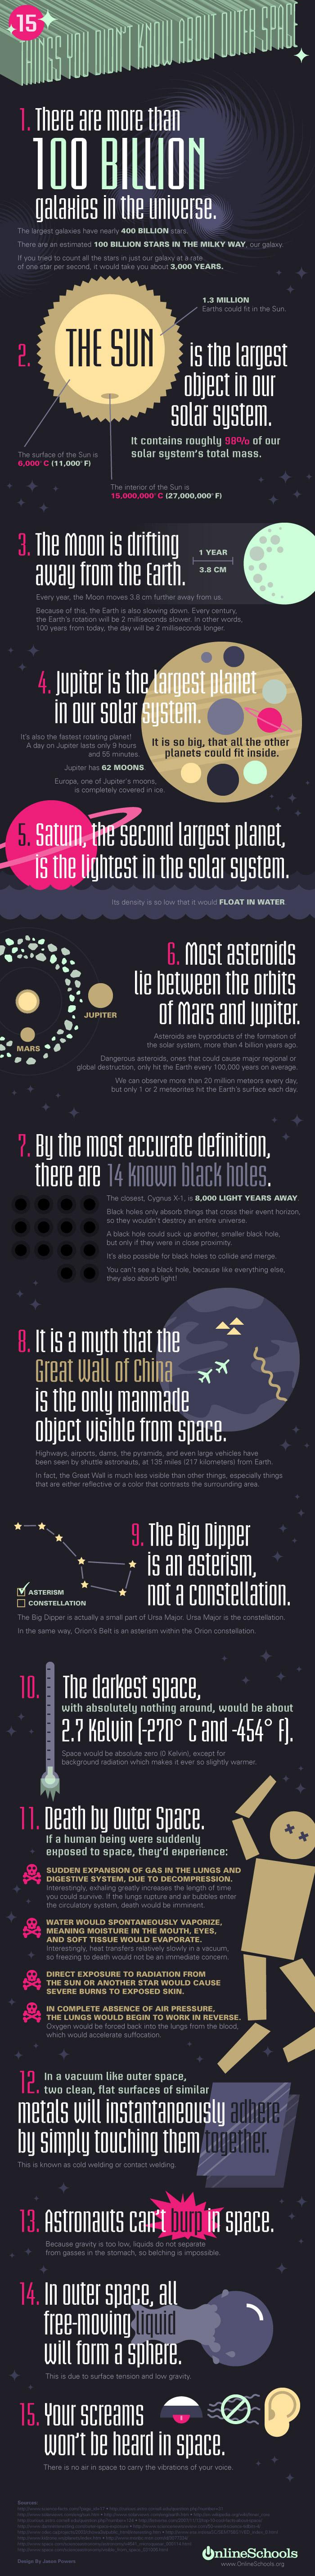 15 lucruri interesante despre spatiul cosmic